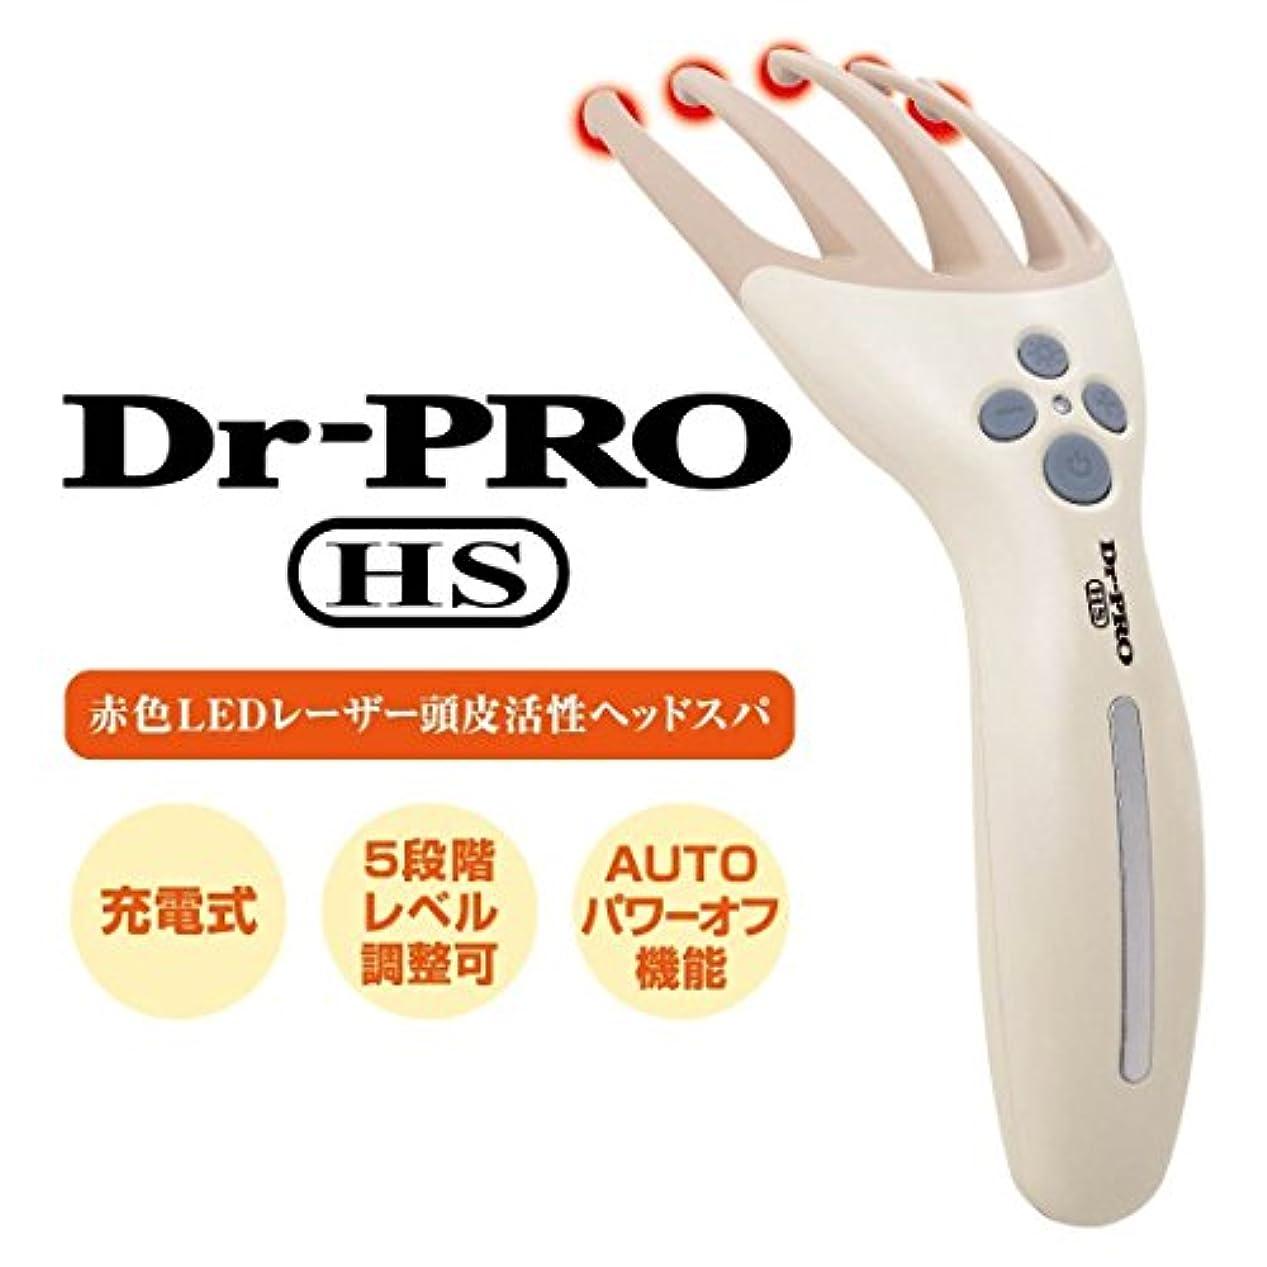 シャイニング劣るパケットDr-PRO HS(ドクタープロ ヘッドスパ)